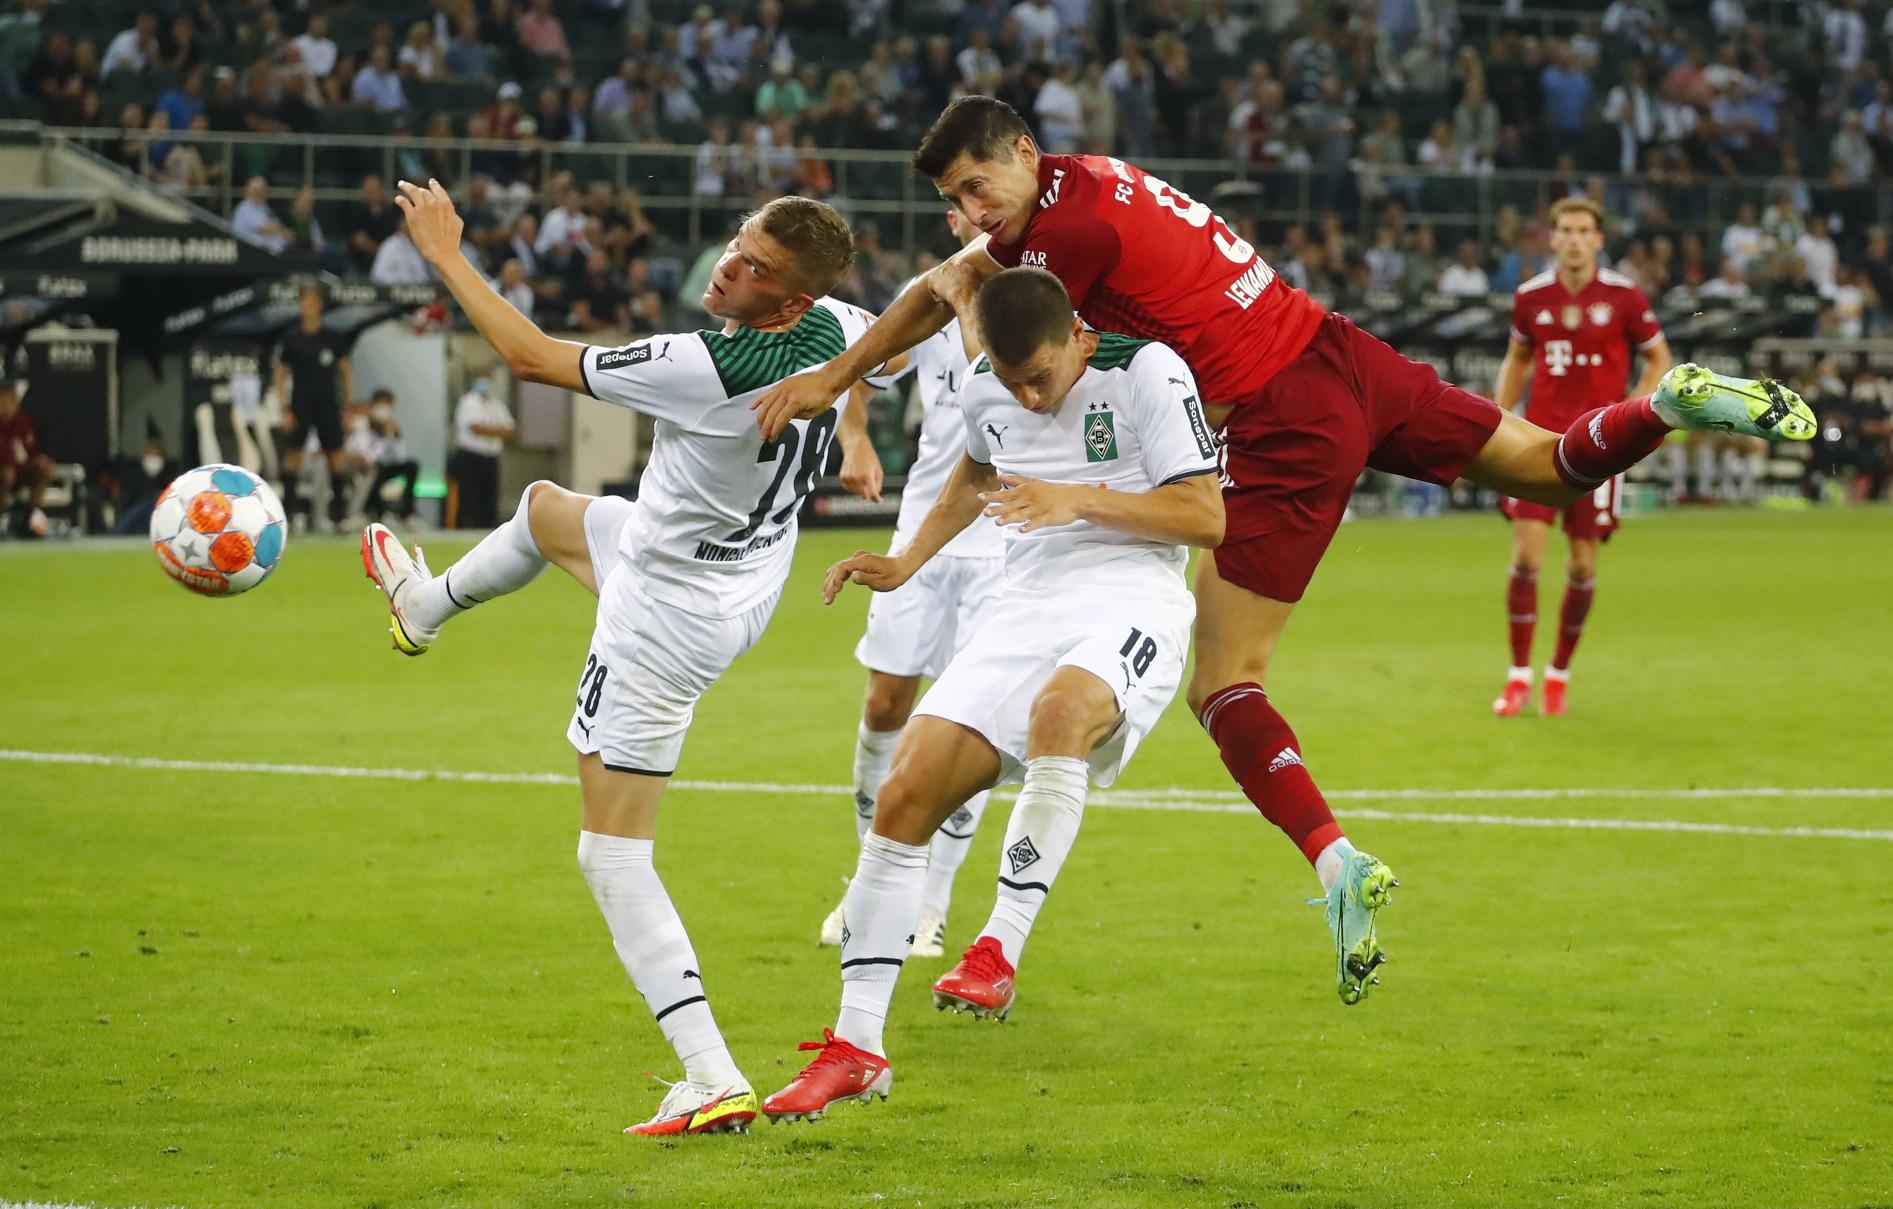 Γκλάντμπαχ – Μπάγερν Μονάχου 1-1: Ξεκίνημα με «γκέλα» για τους πρωταθλητές